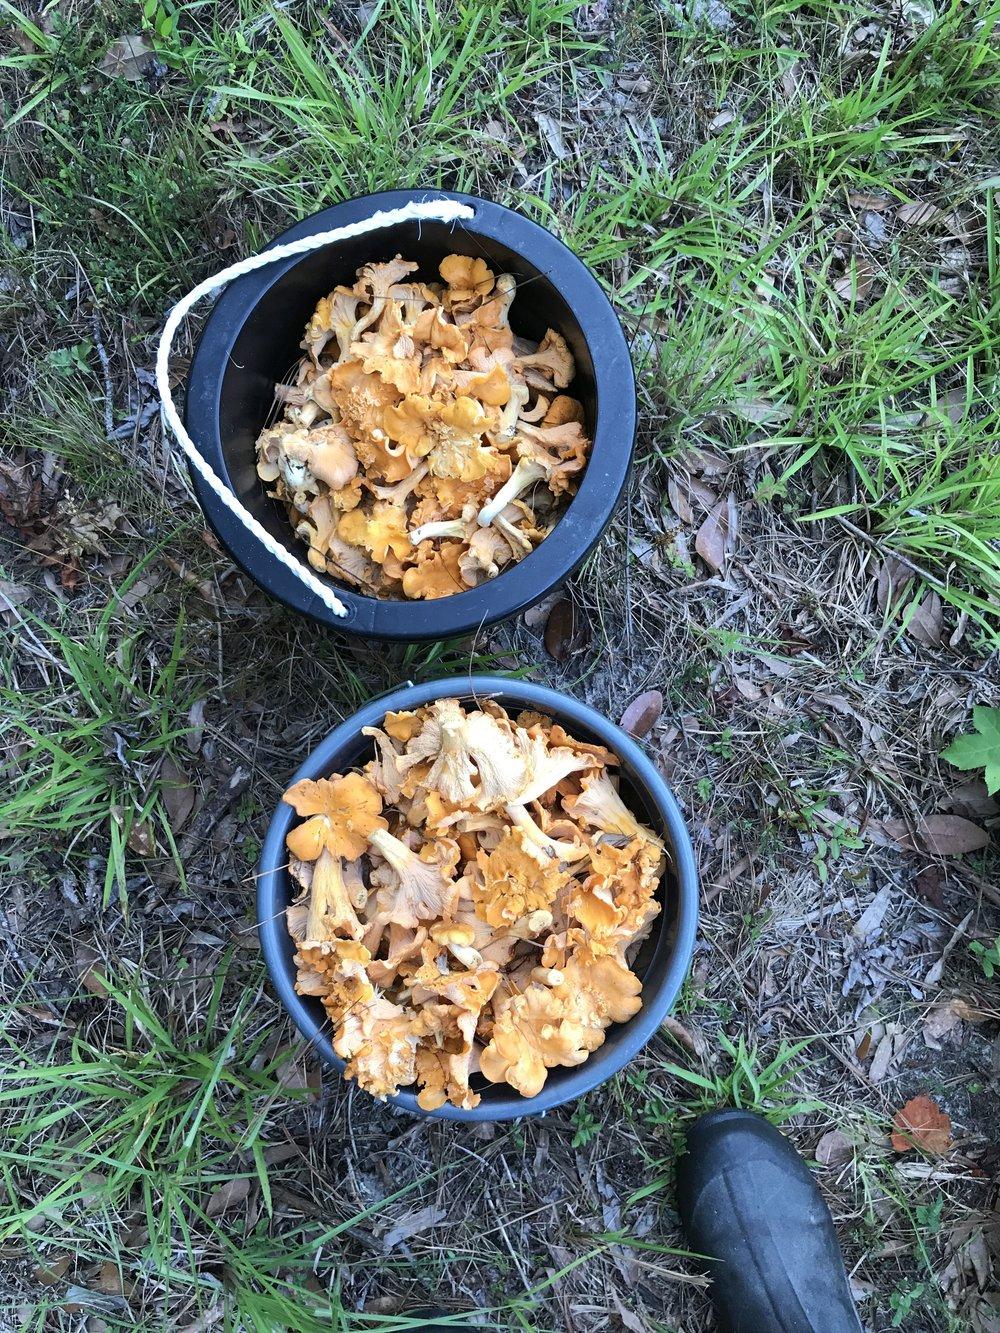 Mary Connor - buckets of mushrooms.jpg